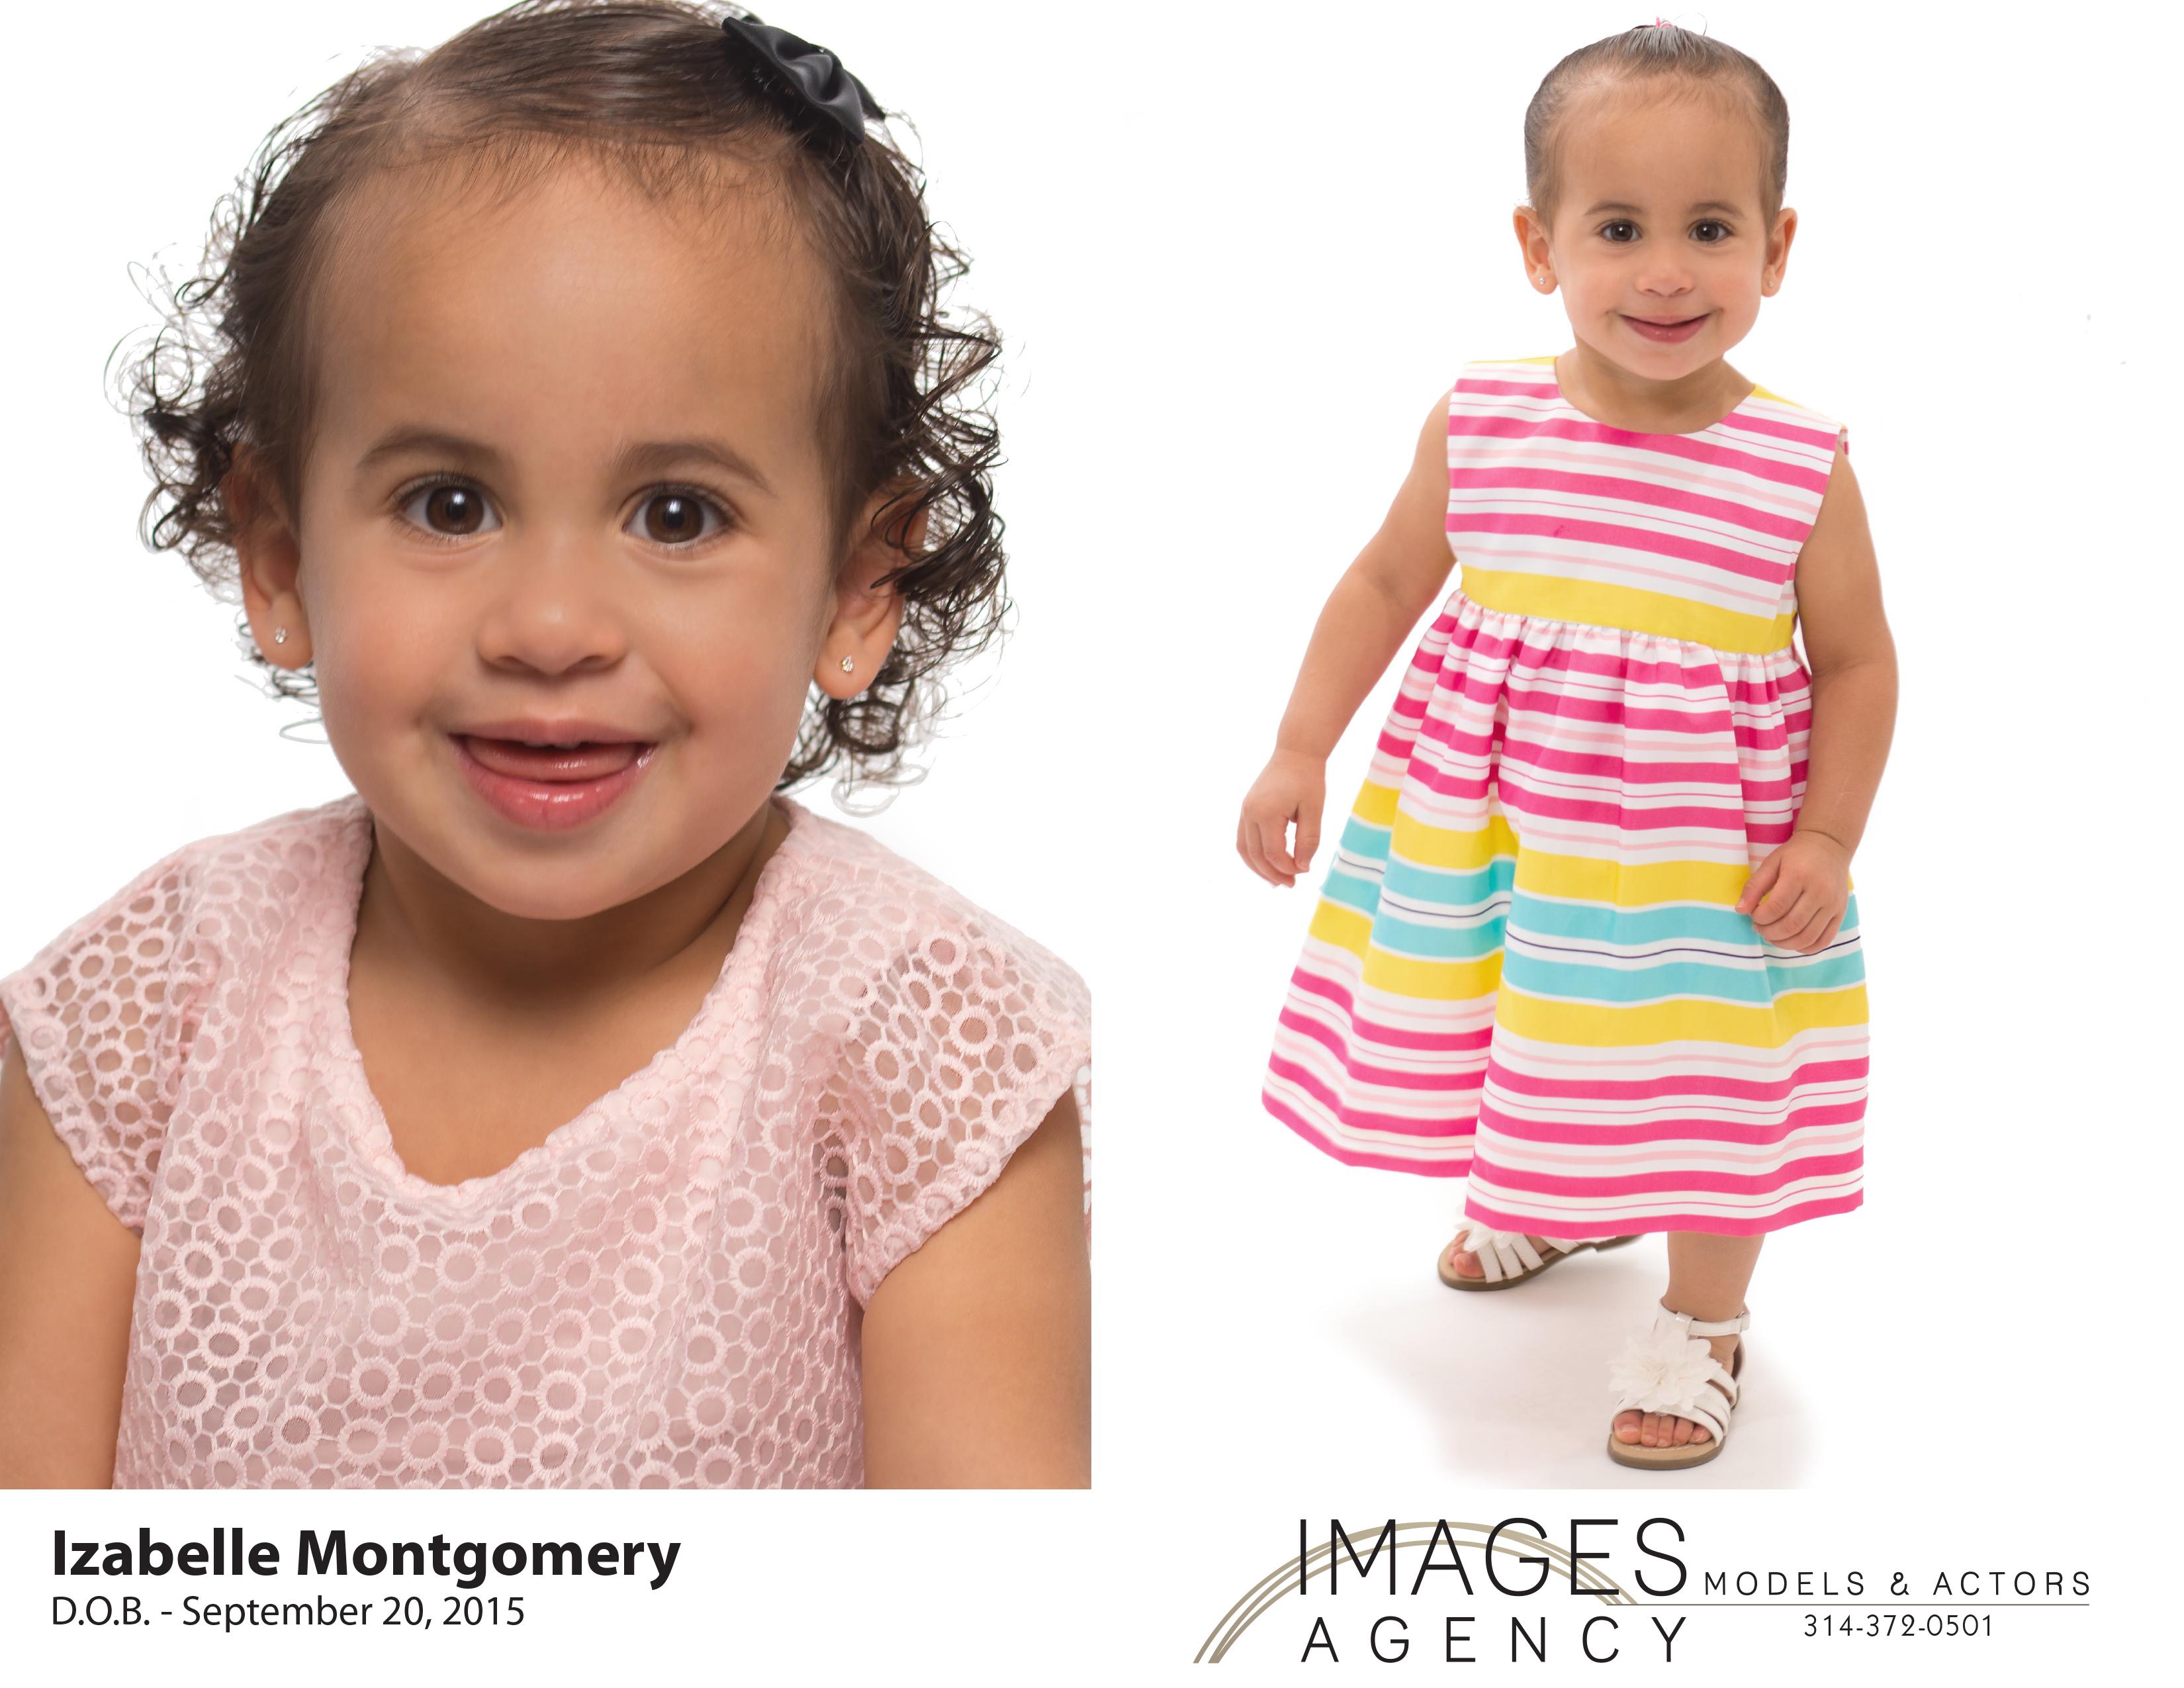 Izabelle Montgomery